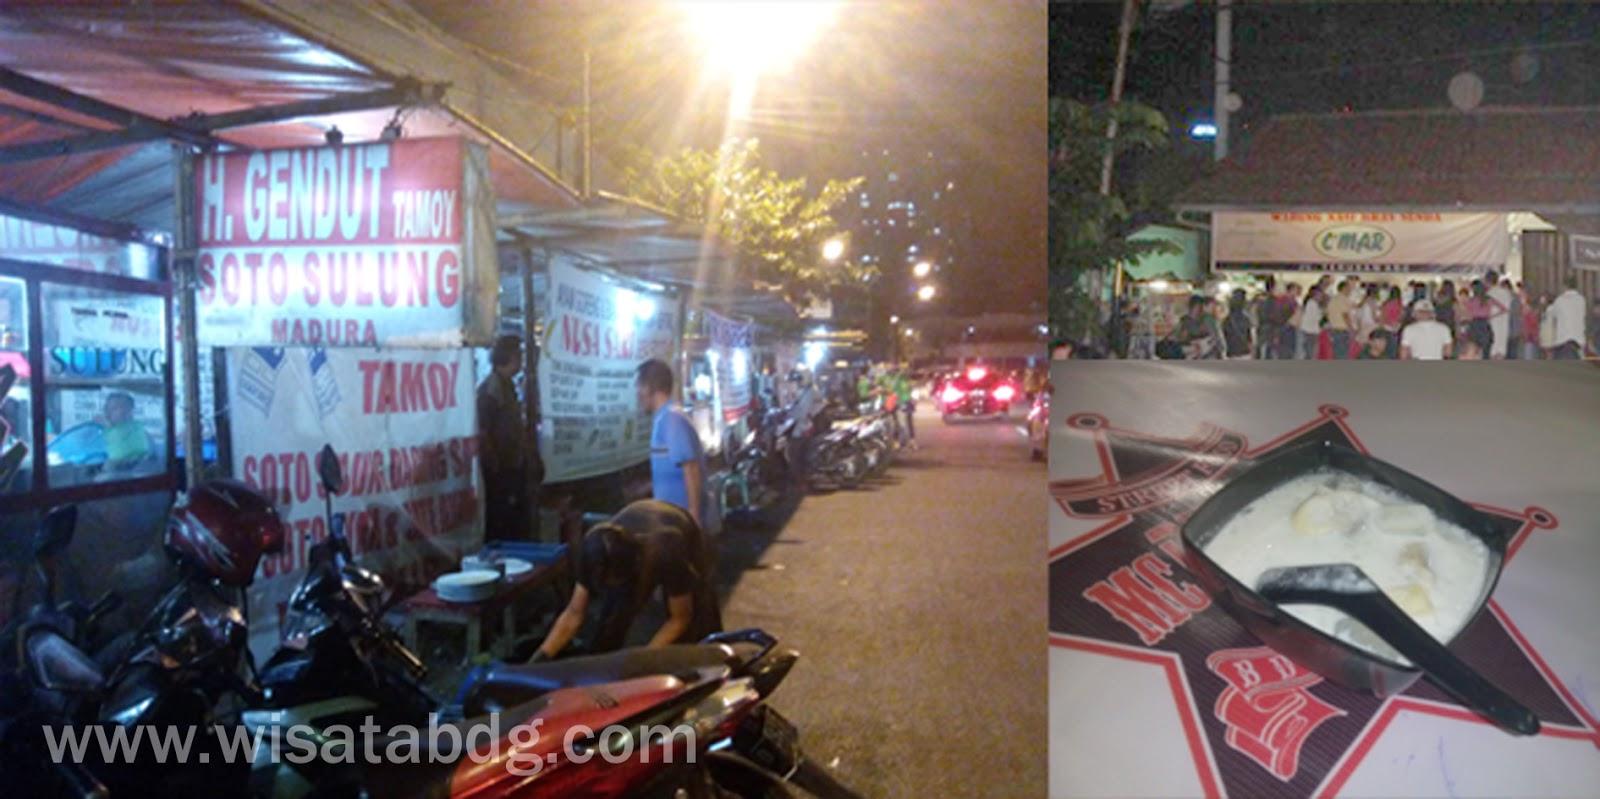 Wisata Kuliner Malam di Jalan Cikapundung, Bandung